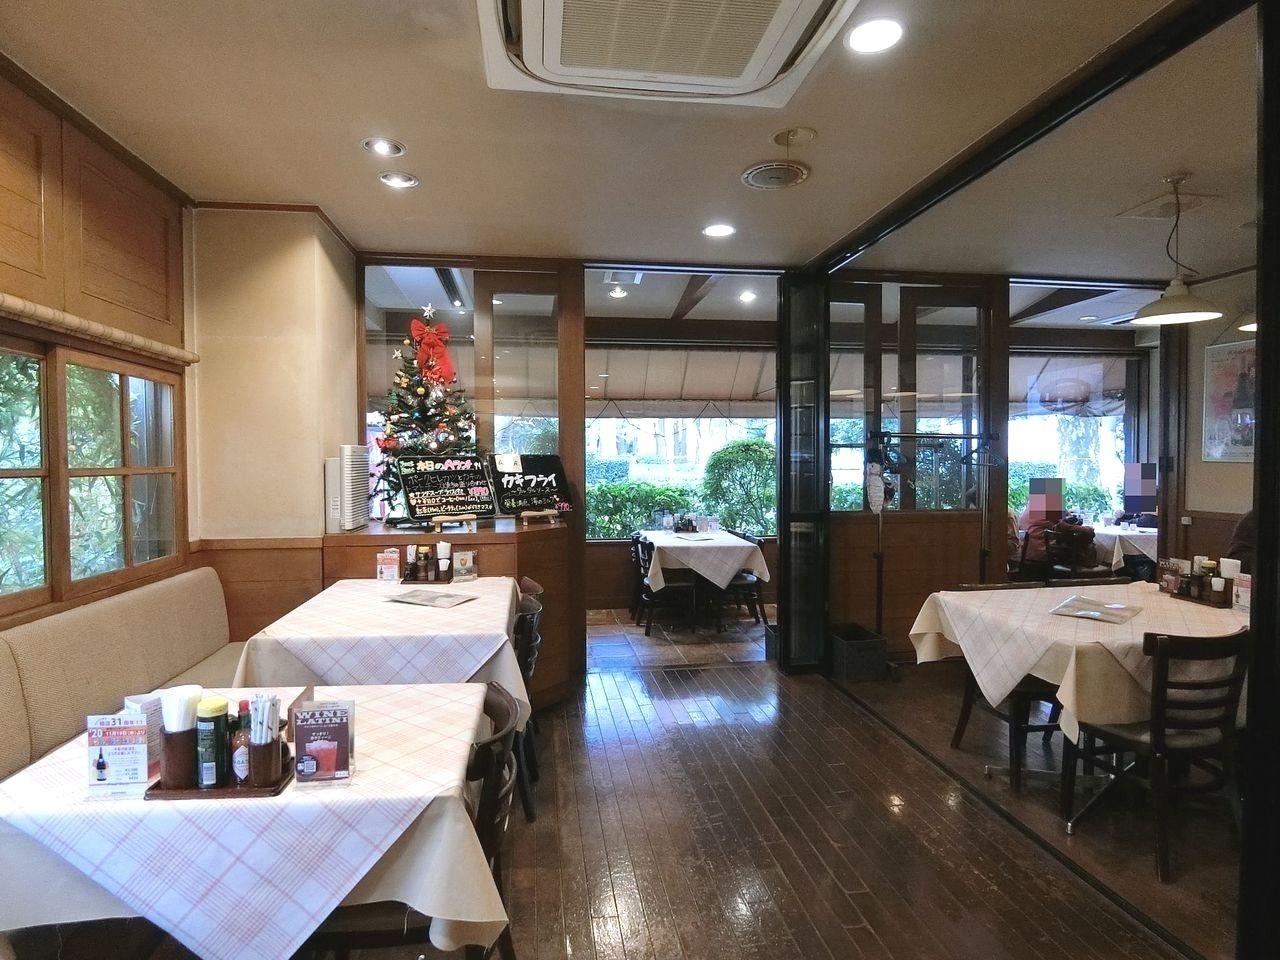 板橋区高島平にある洋食レストラン「フットレスト」